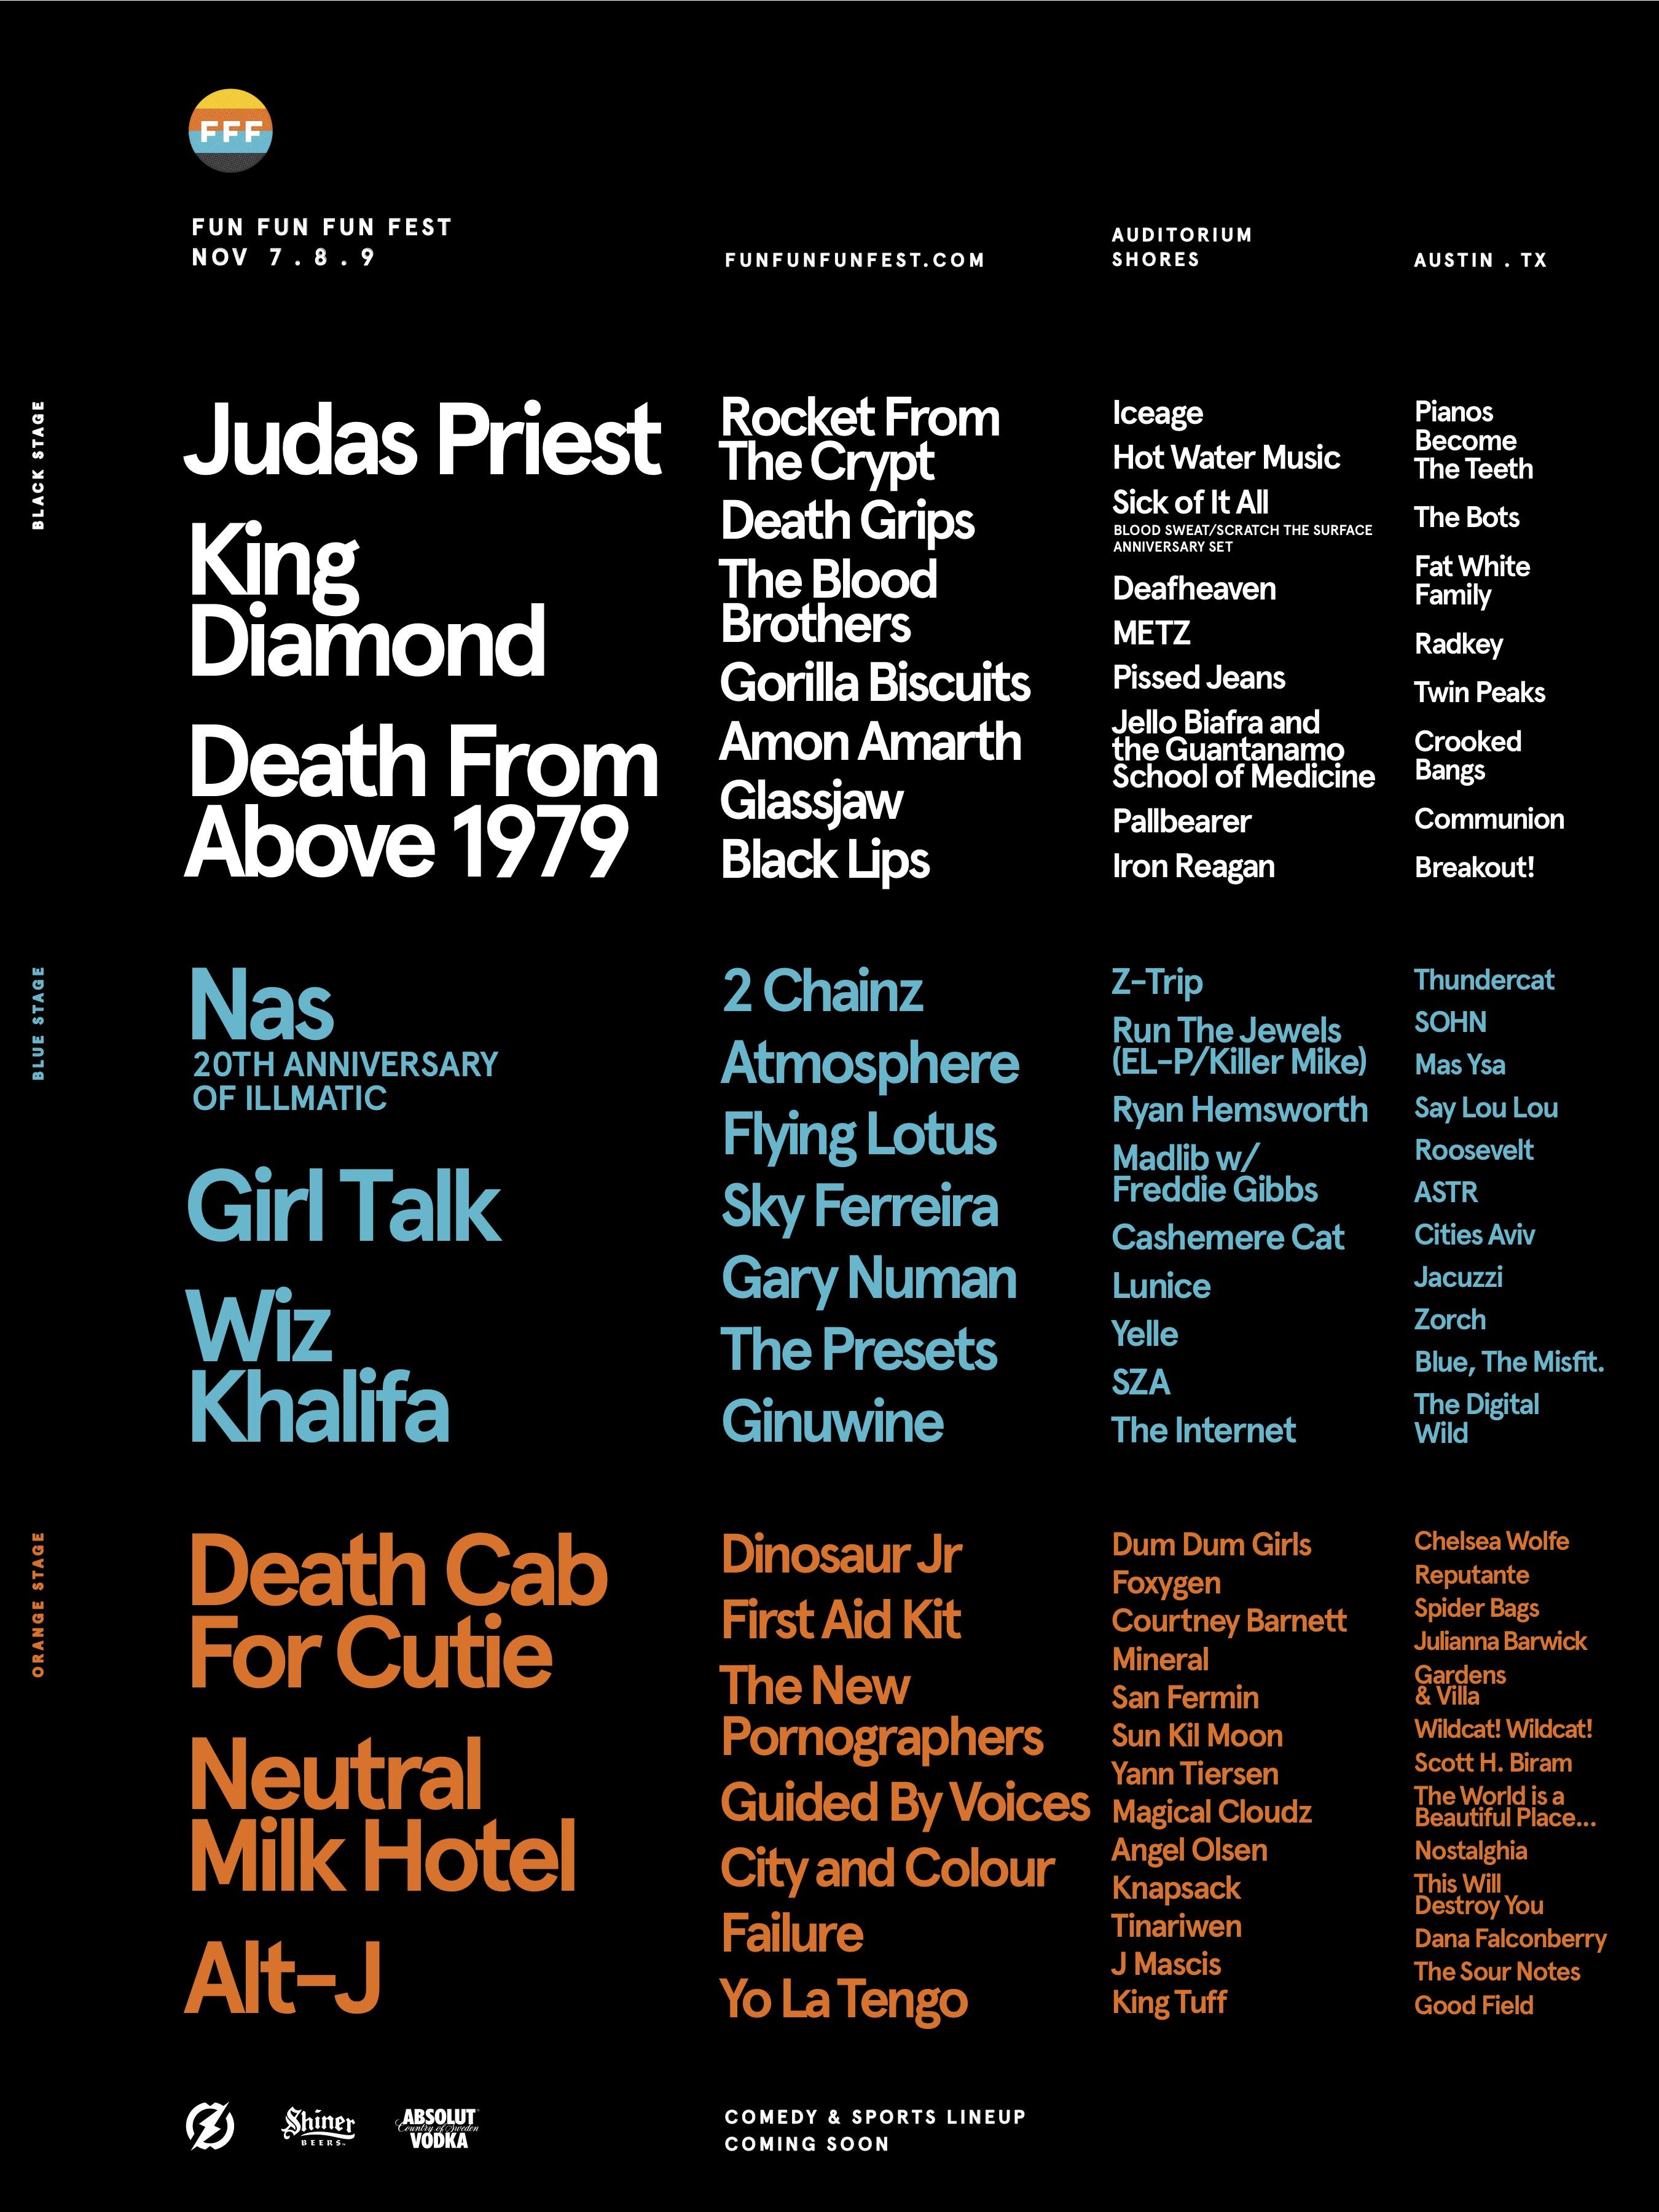 Fun Fun Fun Fest 2014 lineup poster